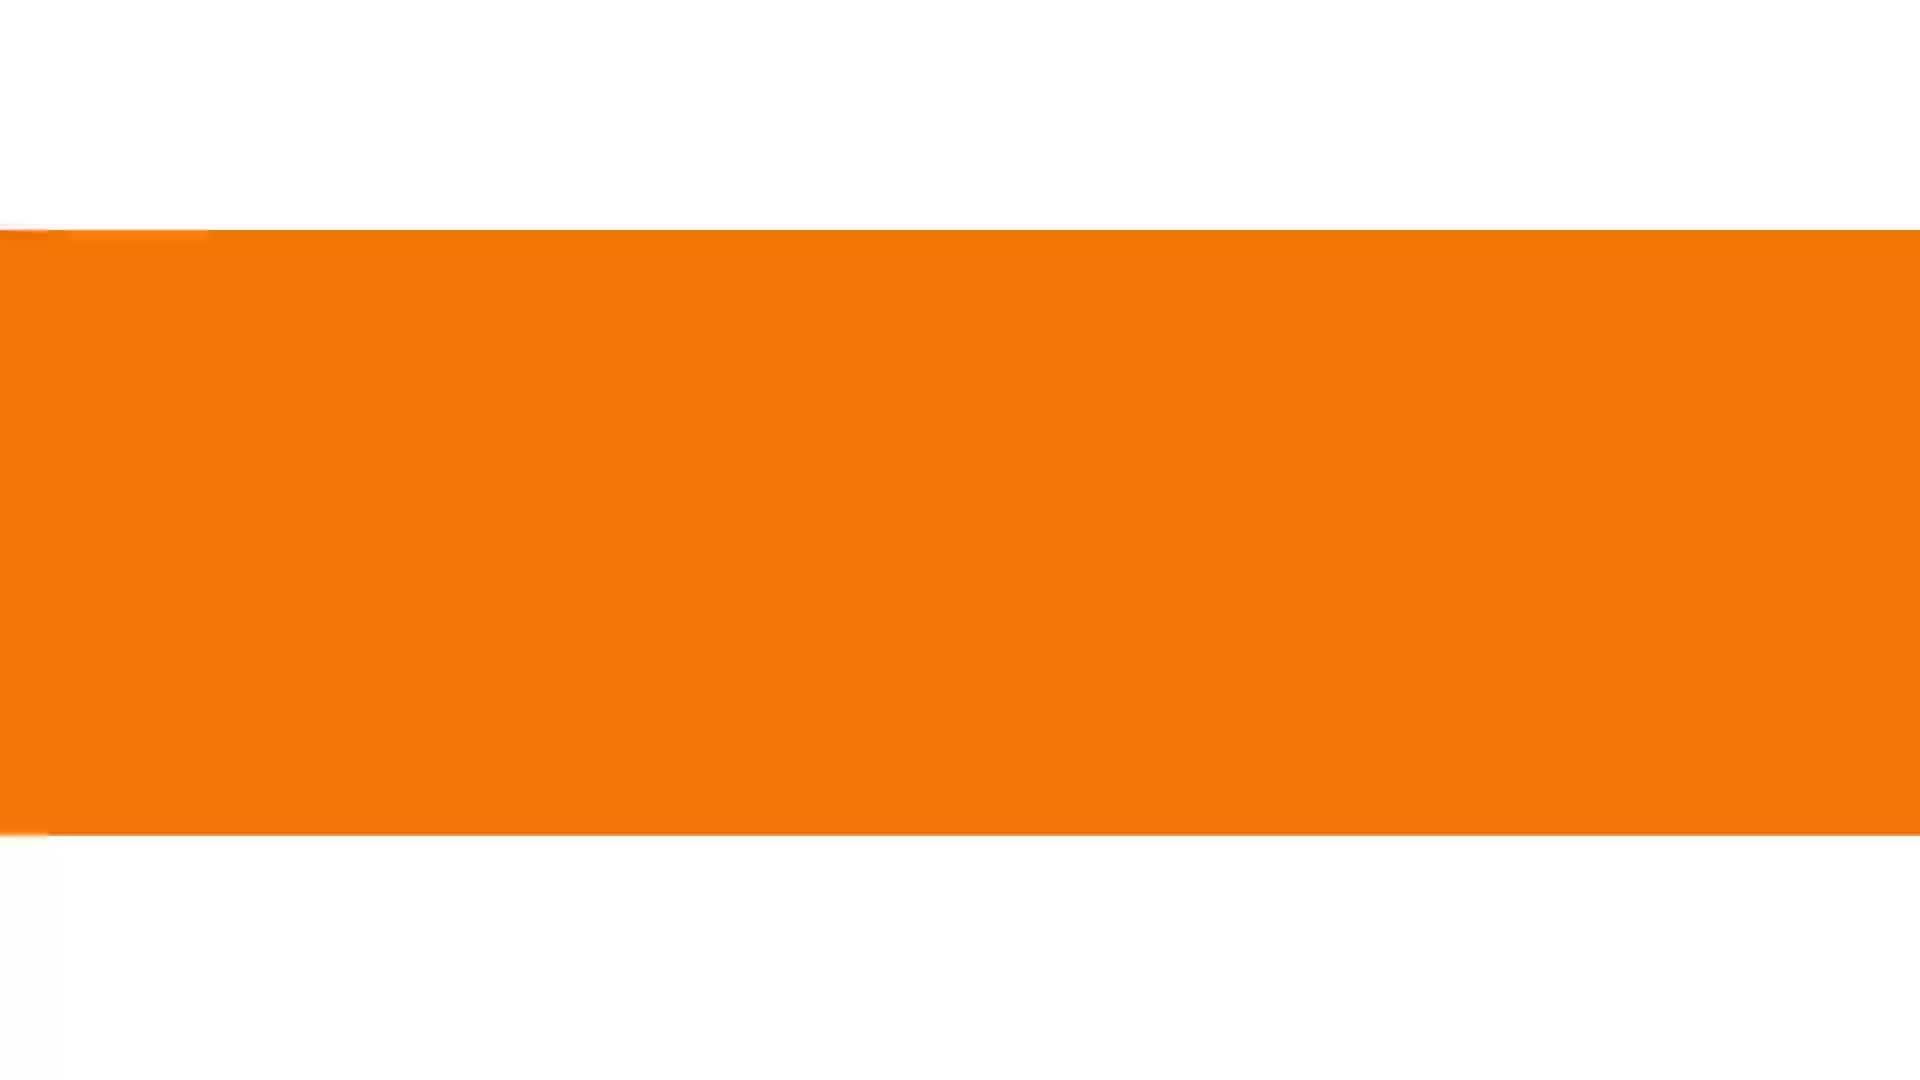 2019 Mô Hình Mới X88 Thông Minh Android 9.0 HỆ ĐIỀU HÀNH Vòng Hình Dạng 4K @ 60fps Thông Minh TV Box Di Động Miracast Tốc Độ Cao wiFi Set Top Box HDMI 2.0